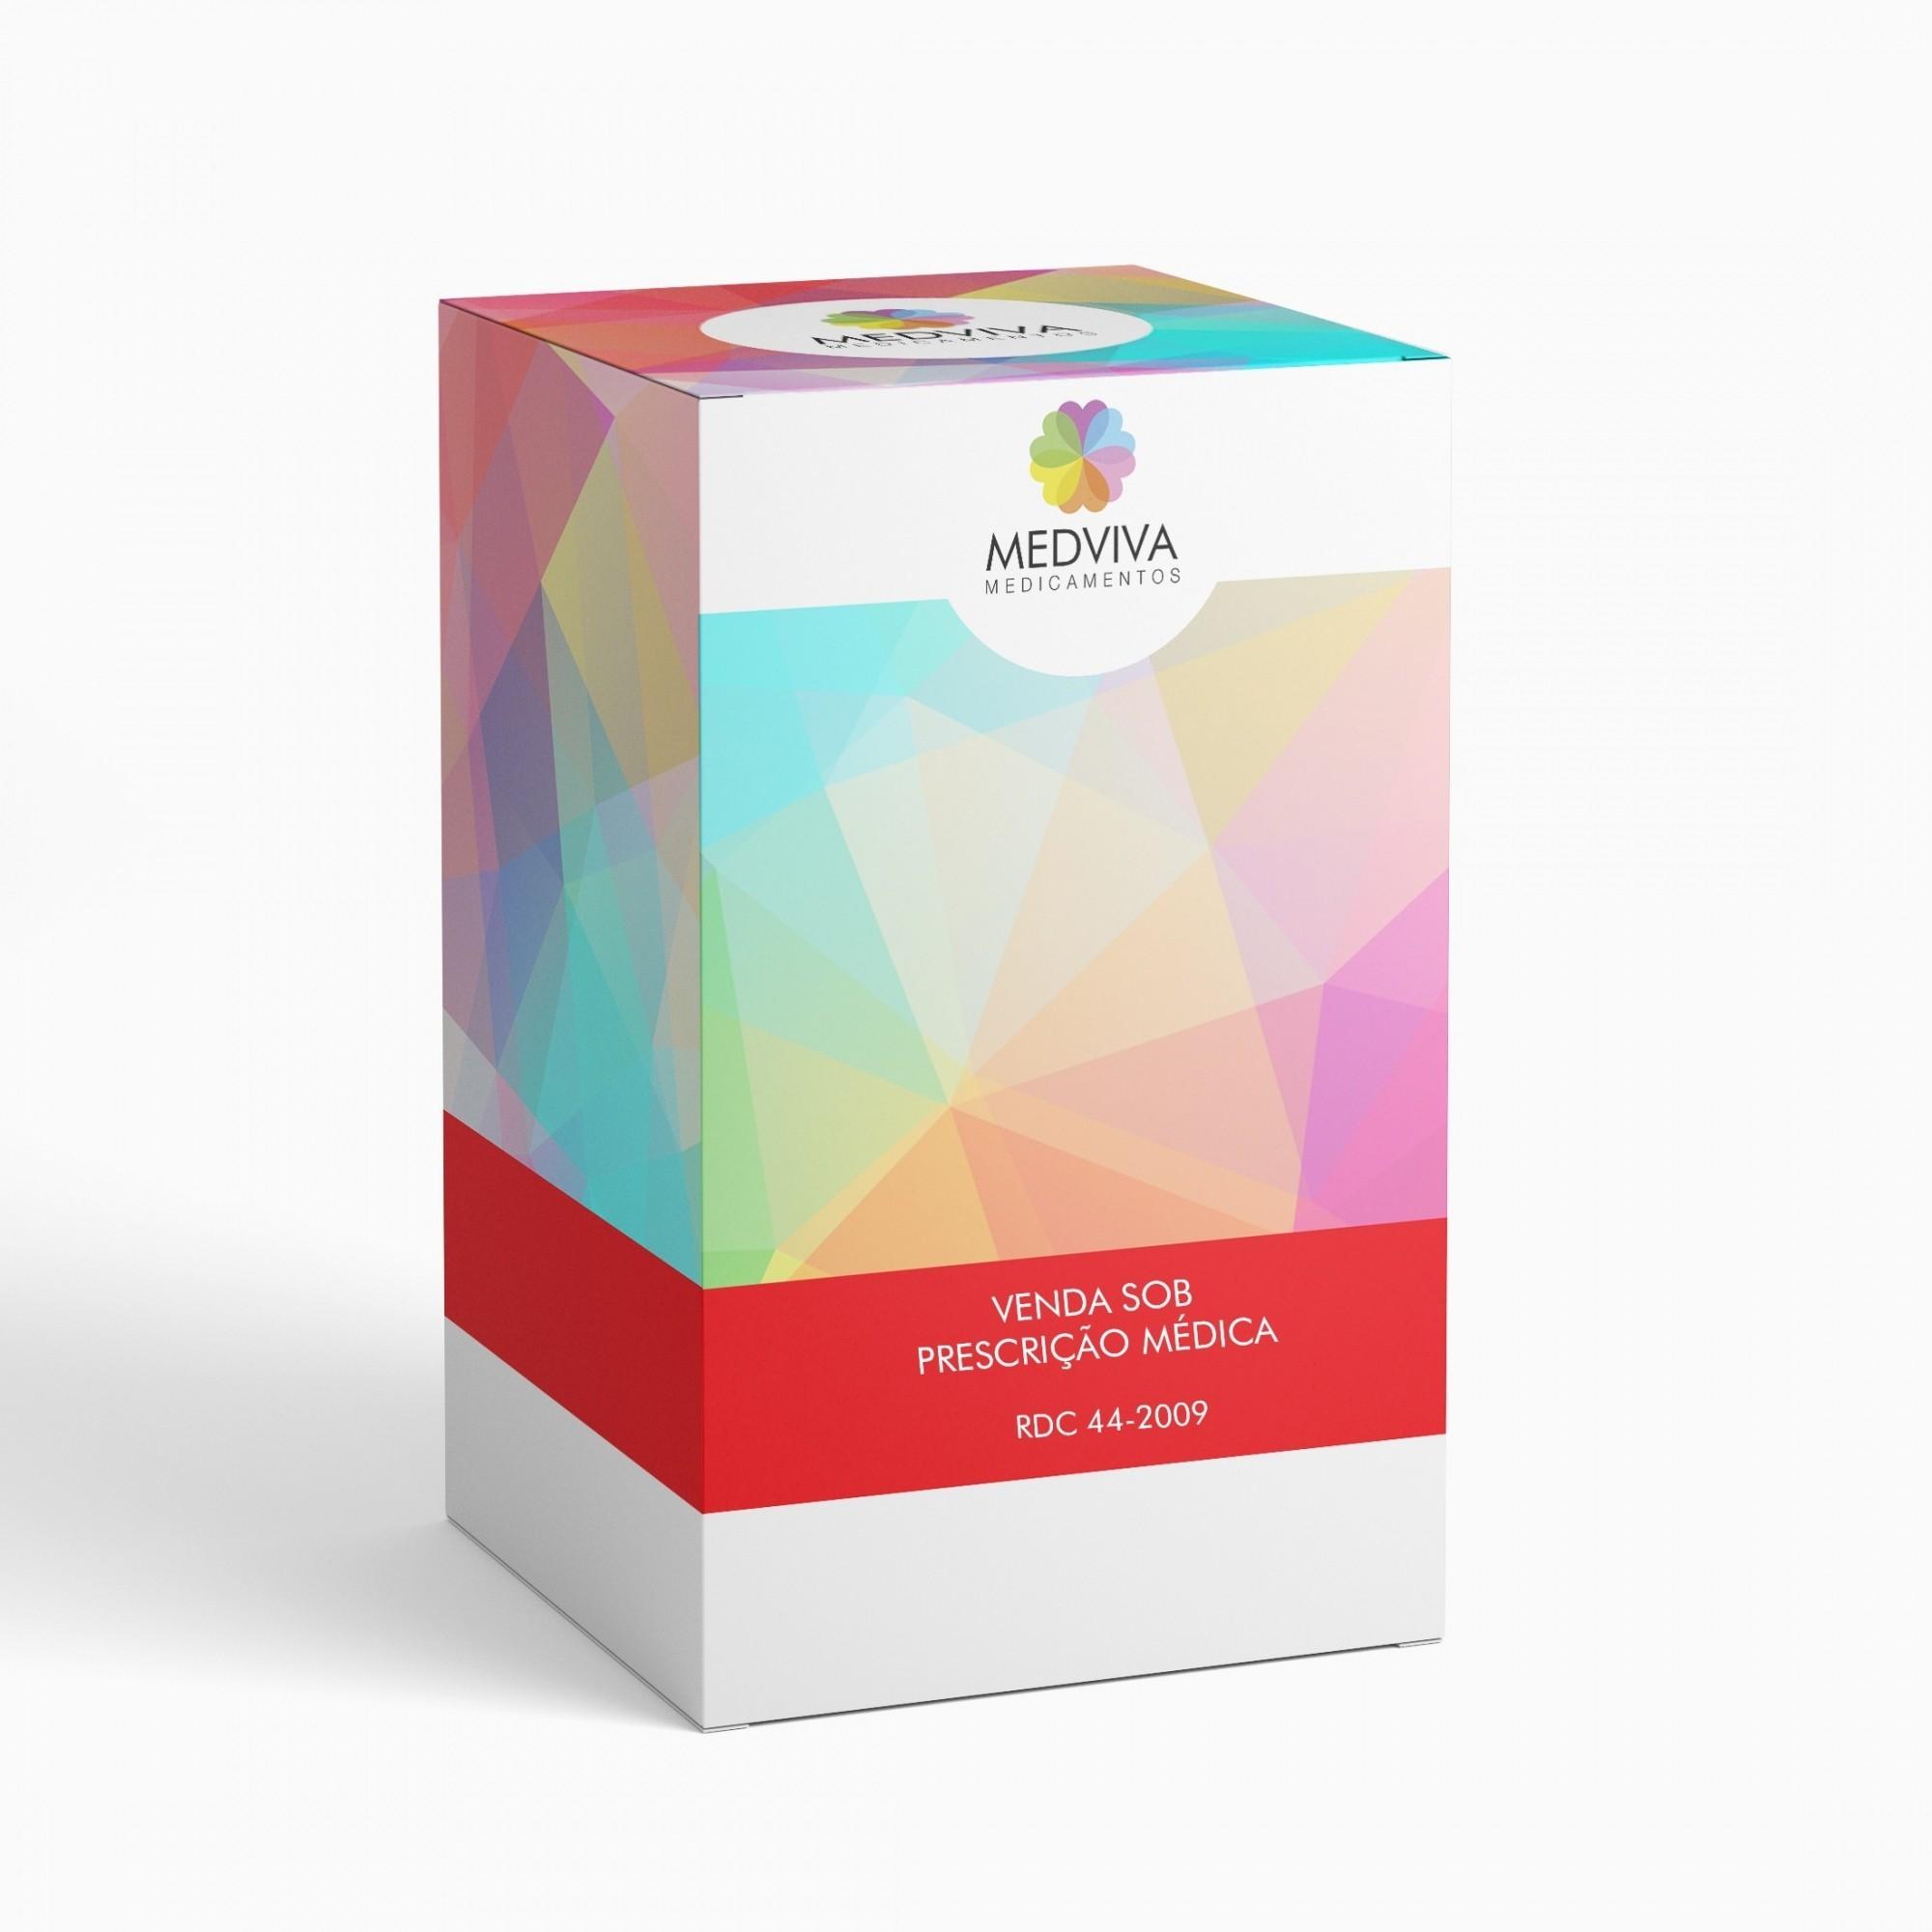 Hemifumarato Bisoprolol 2,5mg 30 Comprimidos Medley